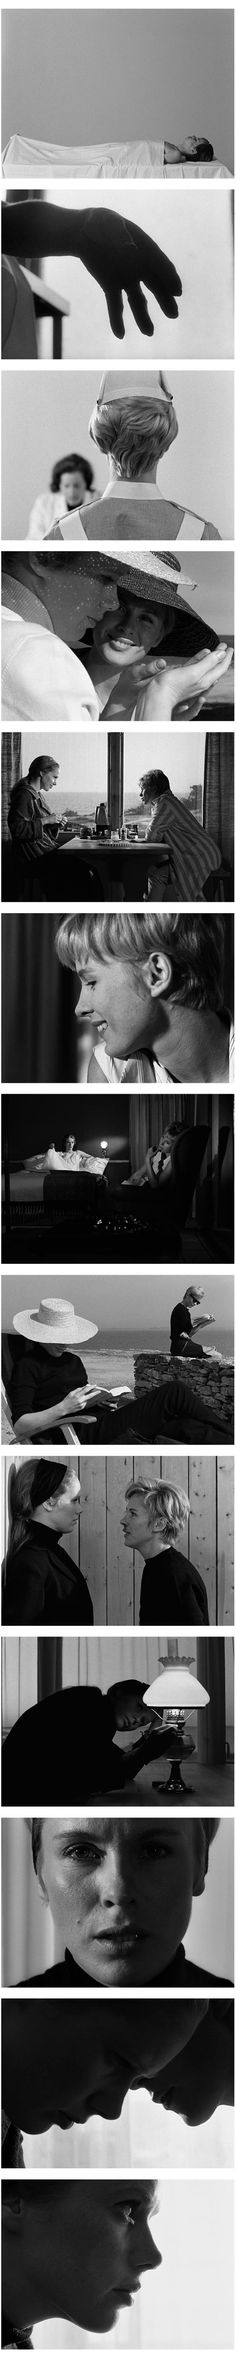 Cenas do filme Persona, clássico de Ingmar Bergman. 10 filmes sobre a sexualidade. O cinema disposto em todas as suas formas. Análises desde os clássicos até as novidades que permeiam a sétima arte. Críticas de filmes e matérias especiais todos os dias. #filme #filmes #clássico #cinema #ator #atriz #DigitalFilmSchool